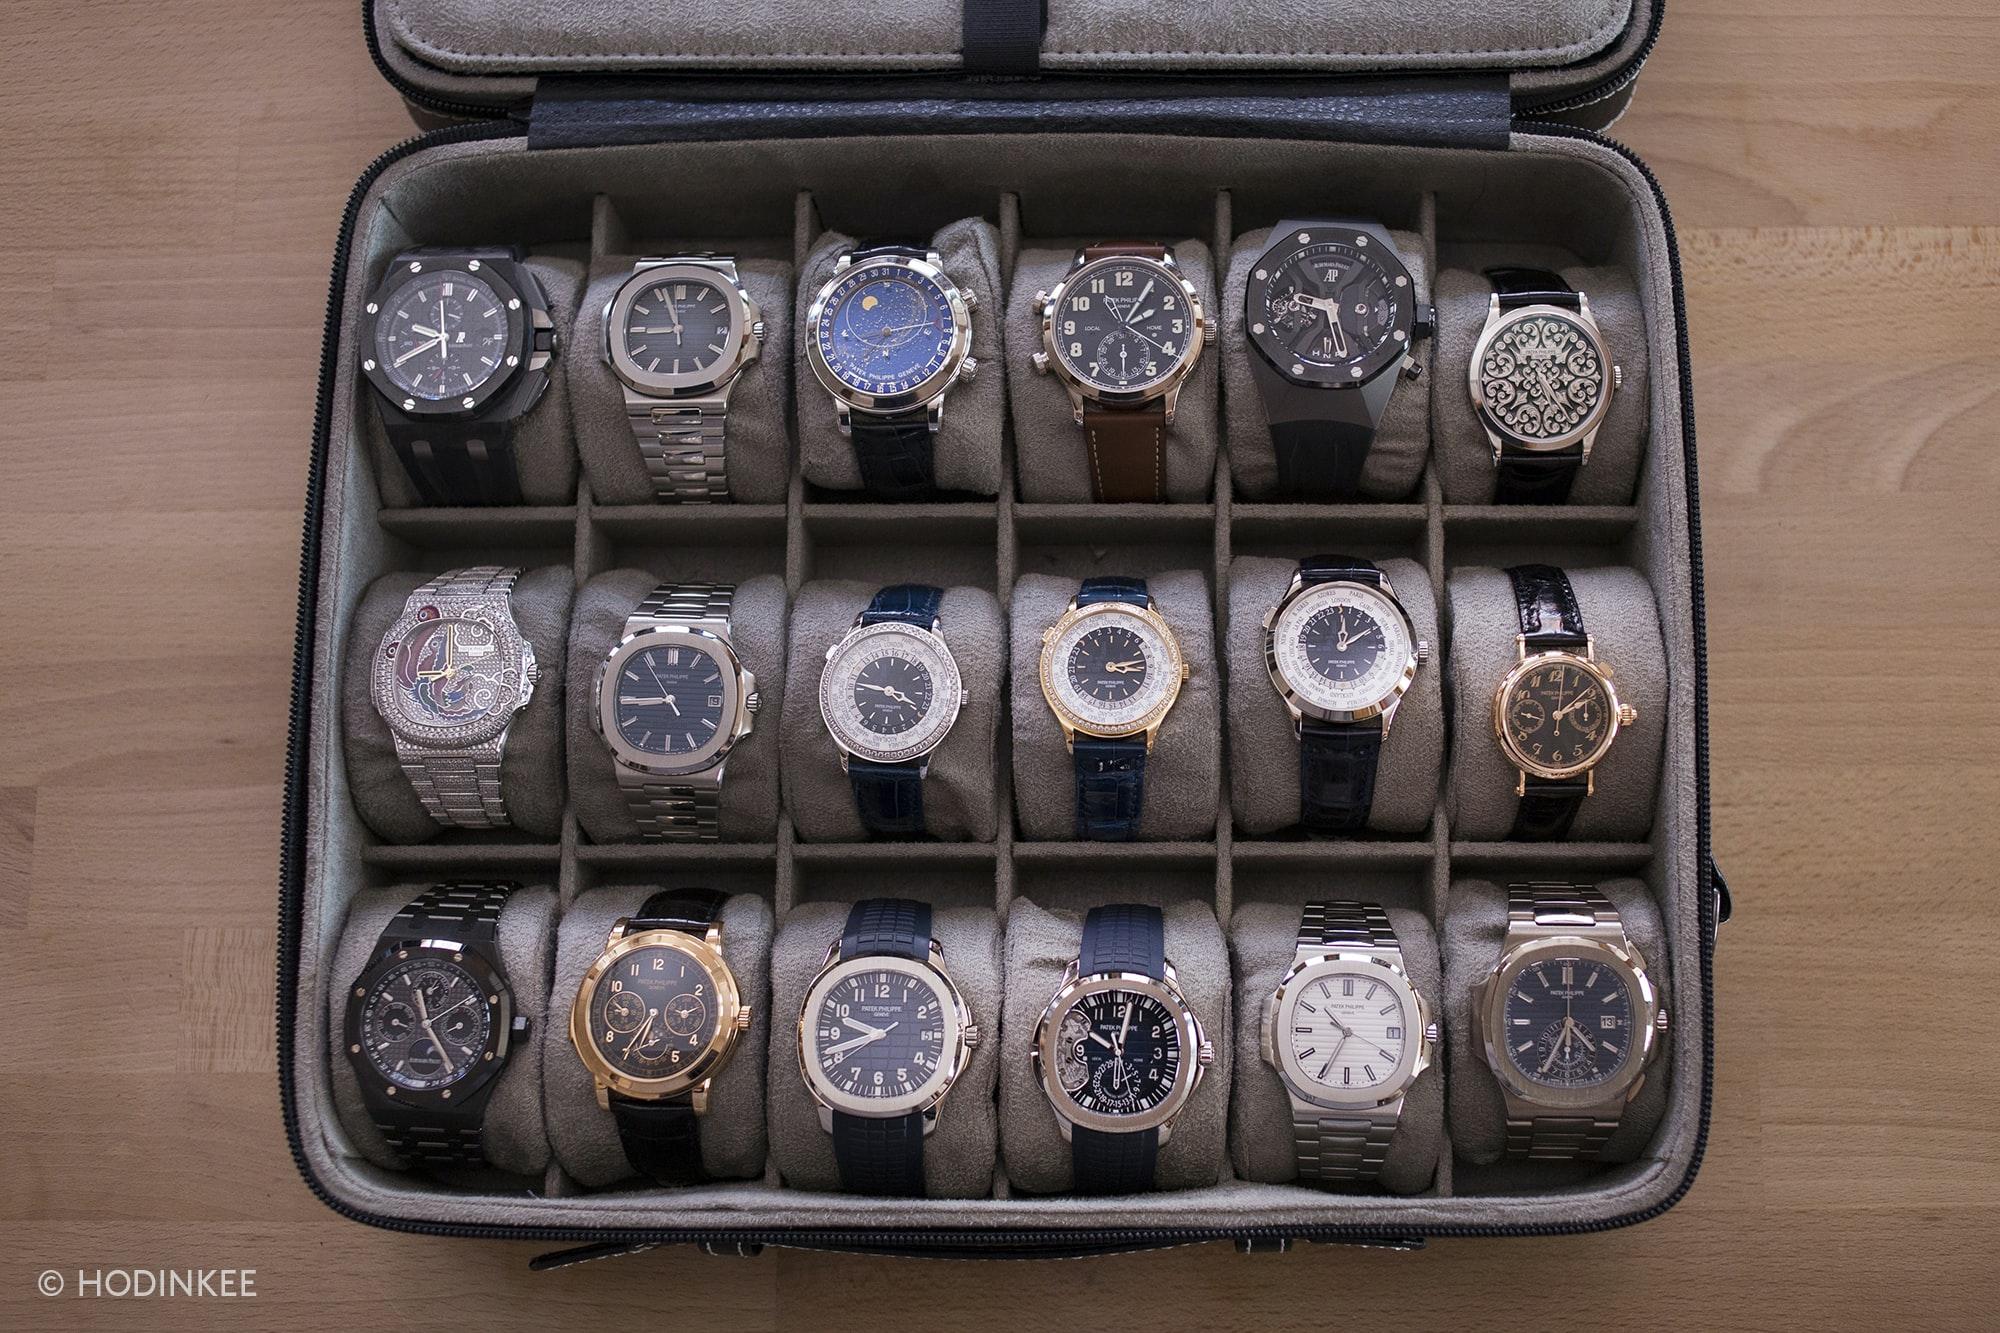 pras michel watch collection Talking Watches 2: With Pras Talking Watches 2: With Pras 01 3H0A4878 copy